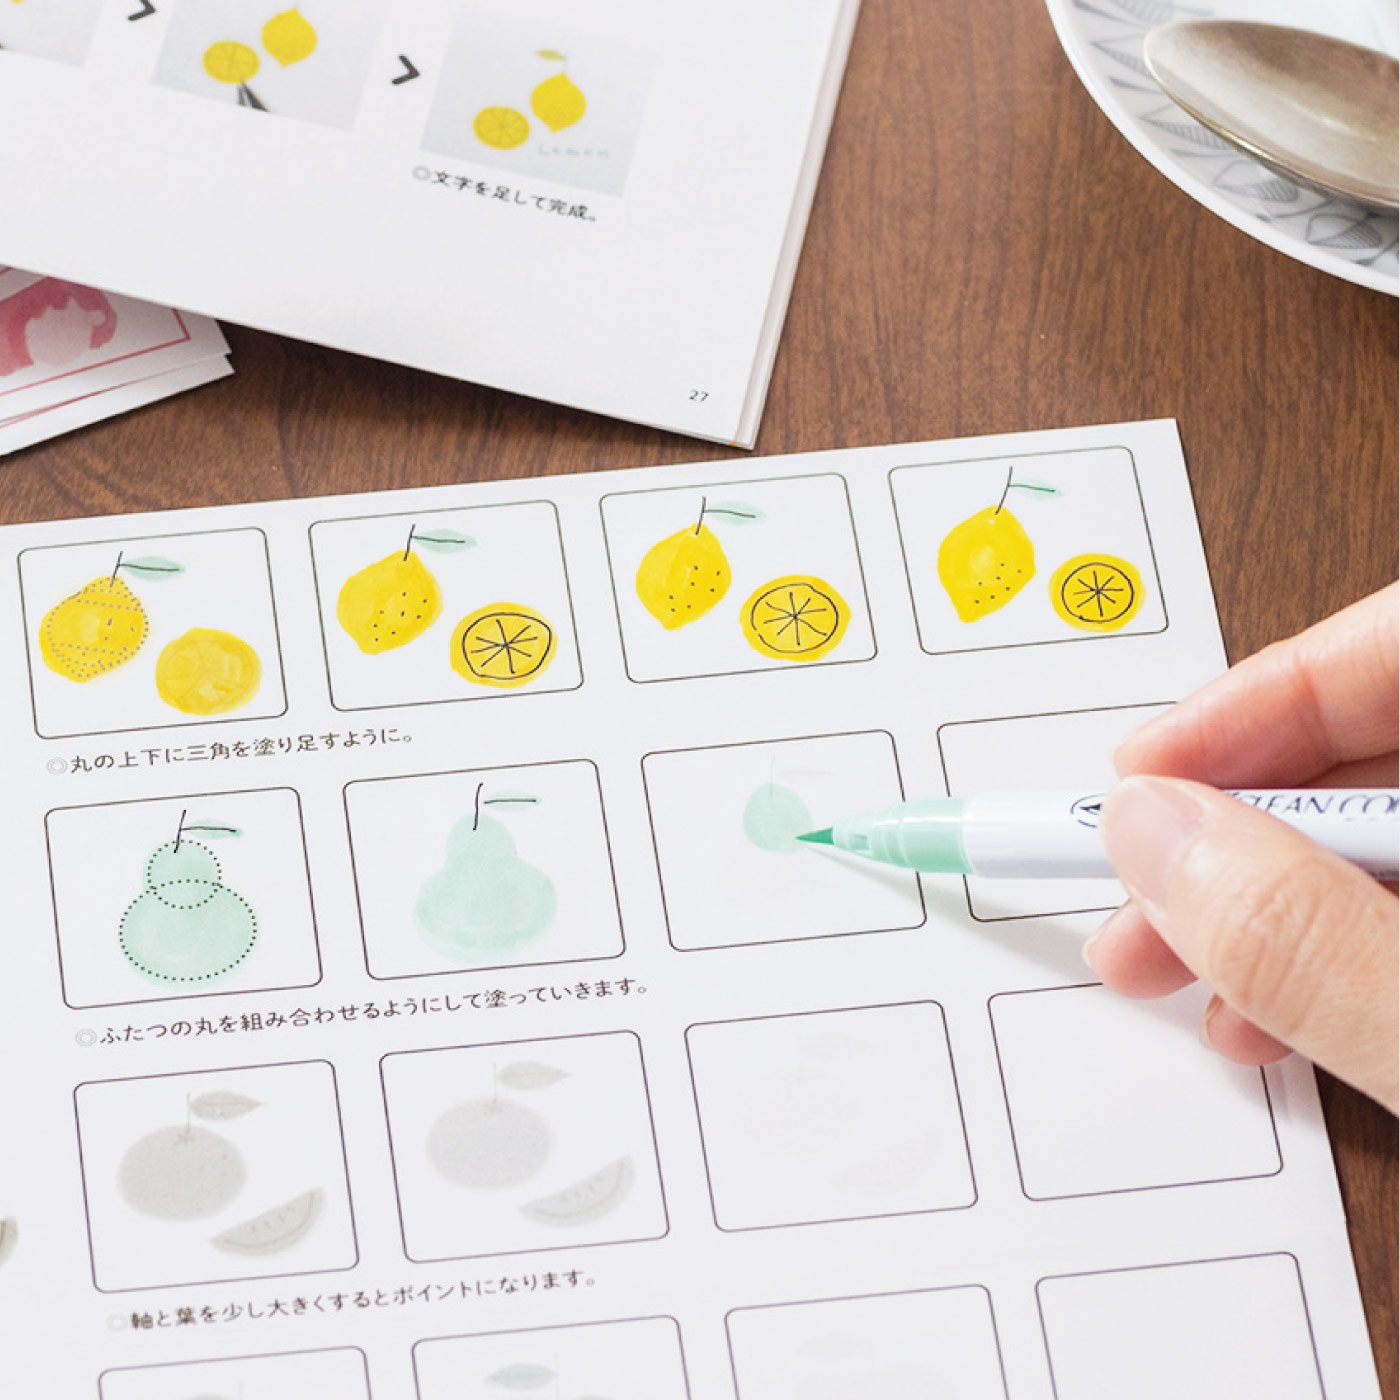 カラー筆ペンで描く ゆる絵レッスンプログラム[ 6回予約プログラム]